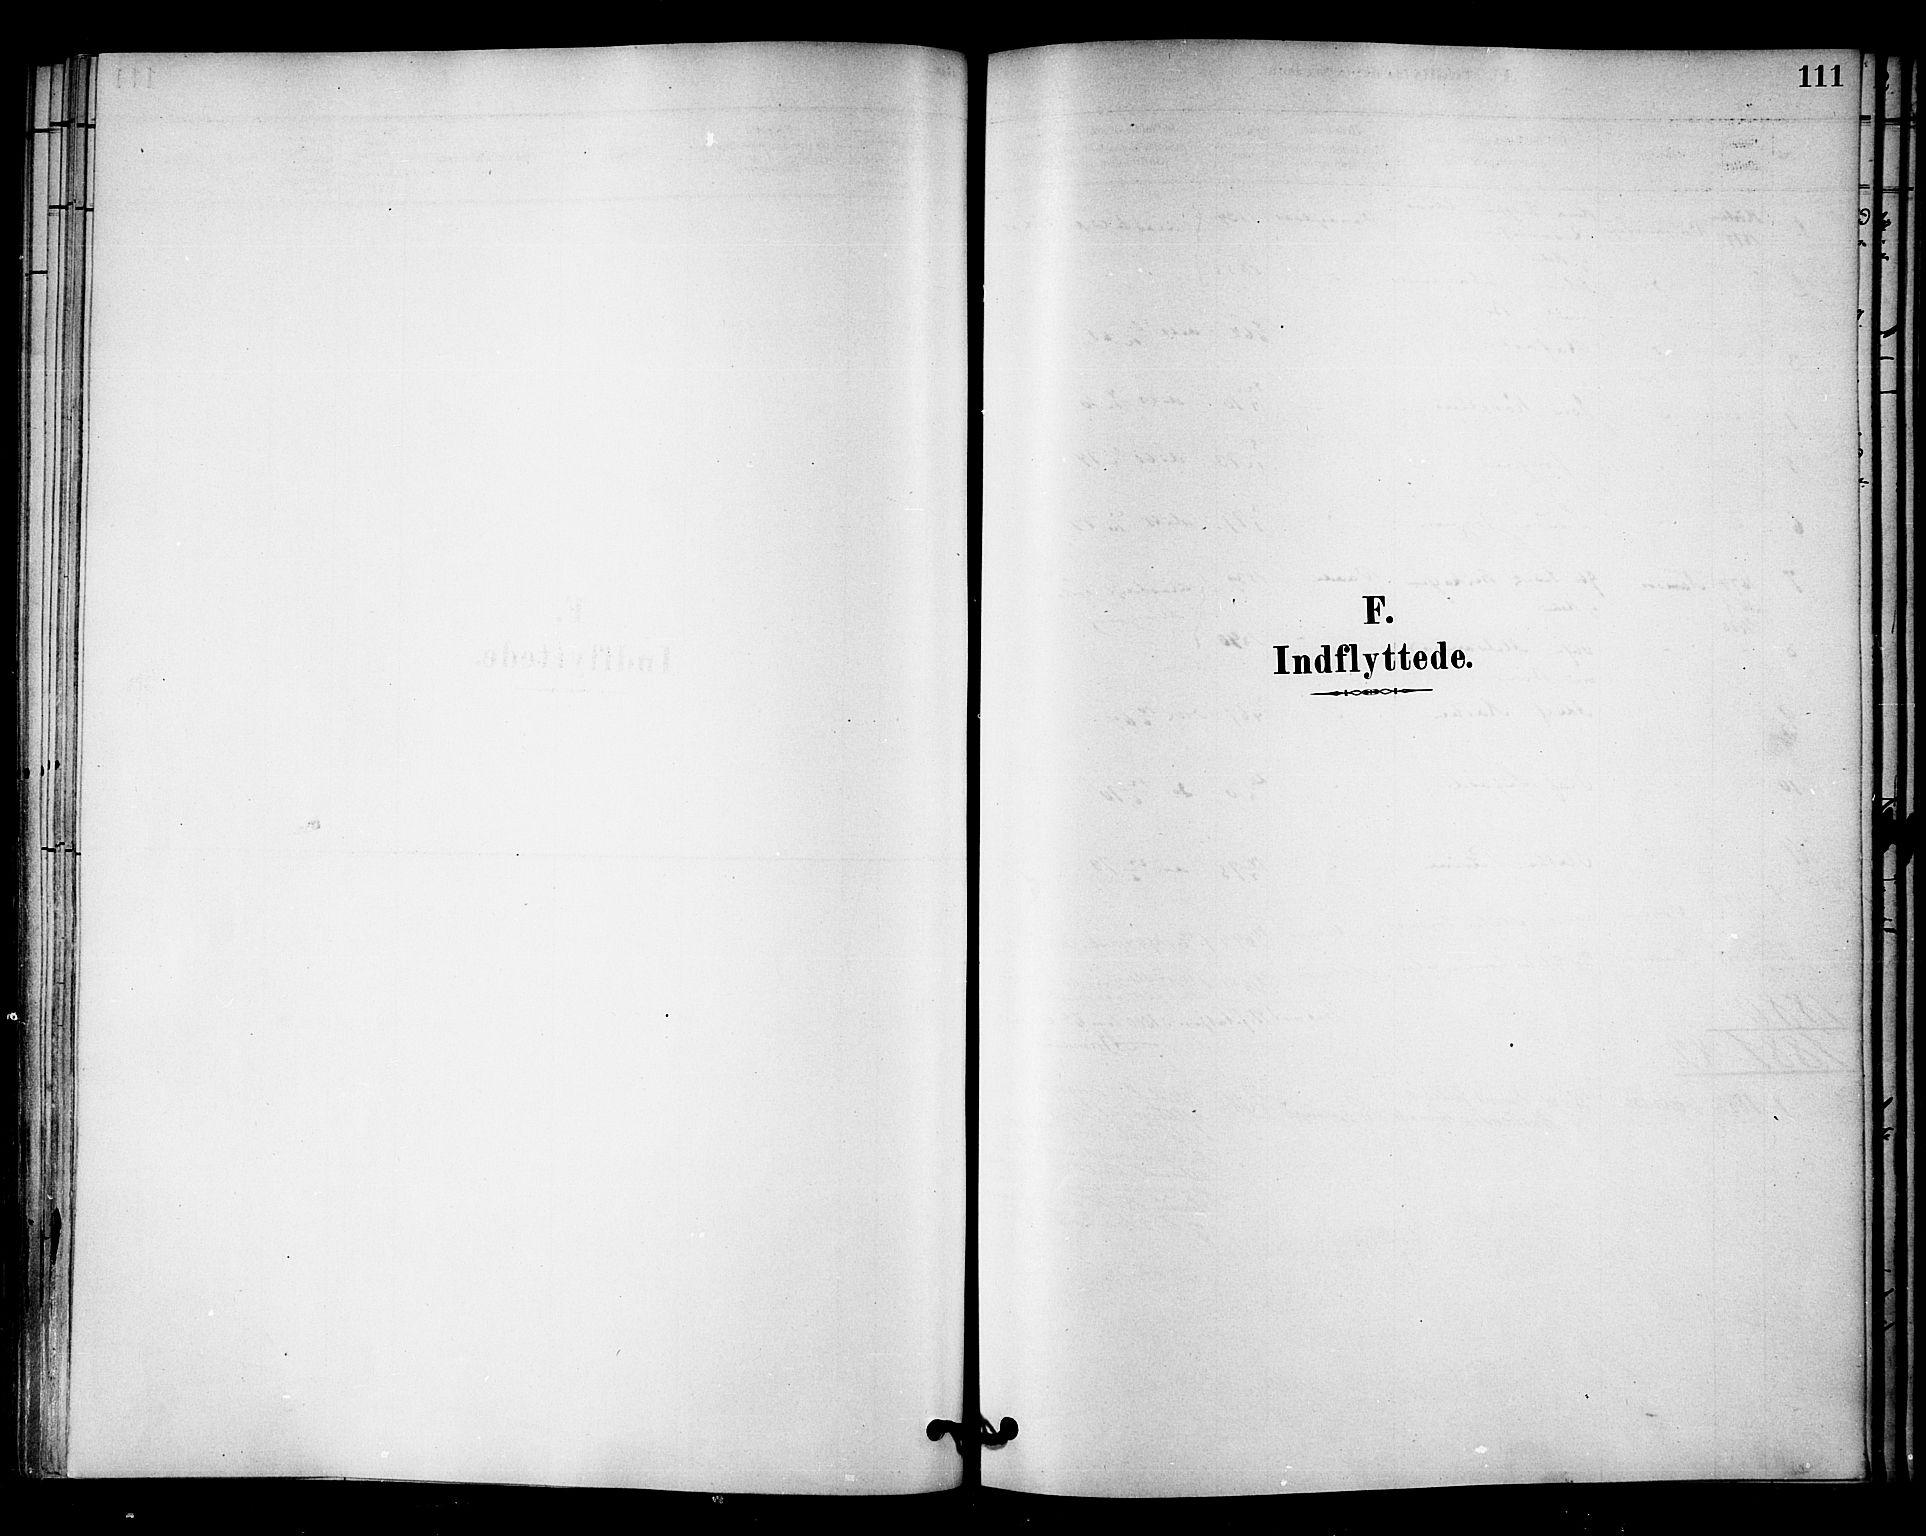 SAT, Ministerialprotokoller, klokkerbøker og fødselsregistre - Nord-Trøndelag, 745/L0429: Ministerialbok nr. 745A01, 1878-1894, s. 111